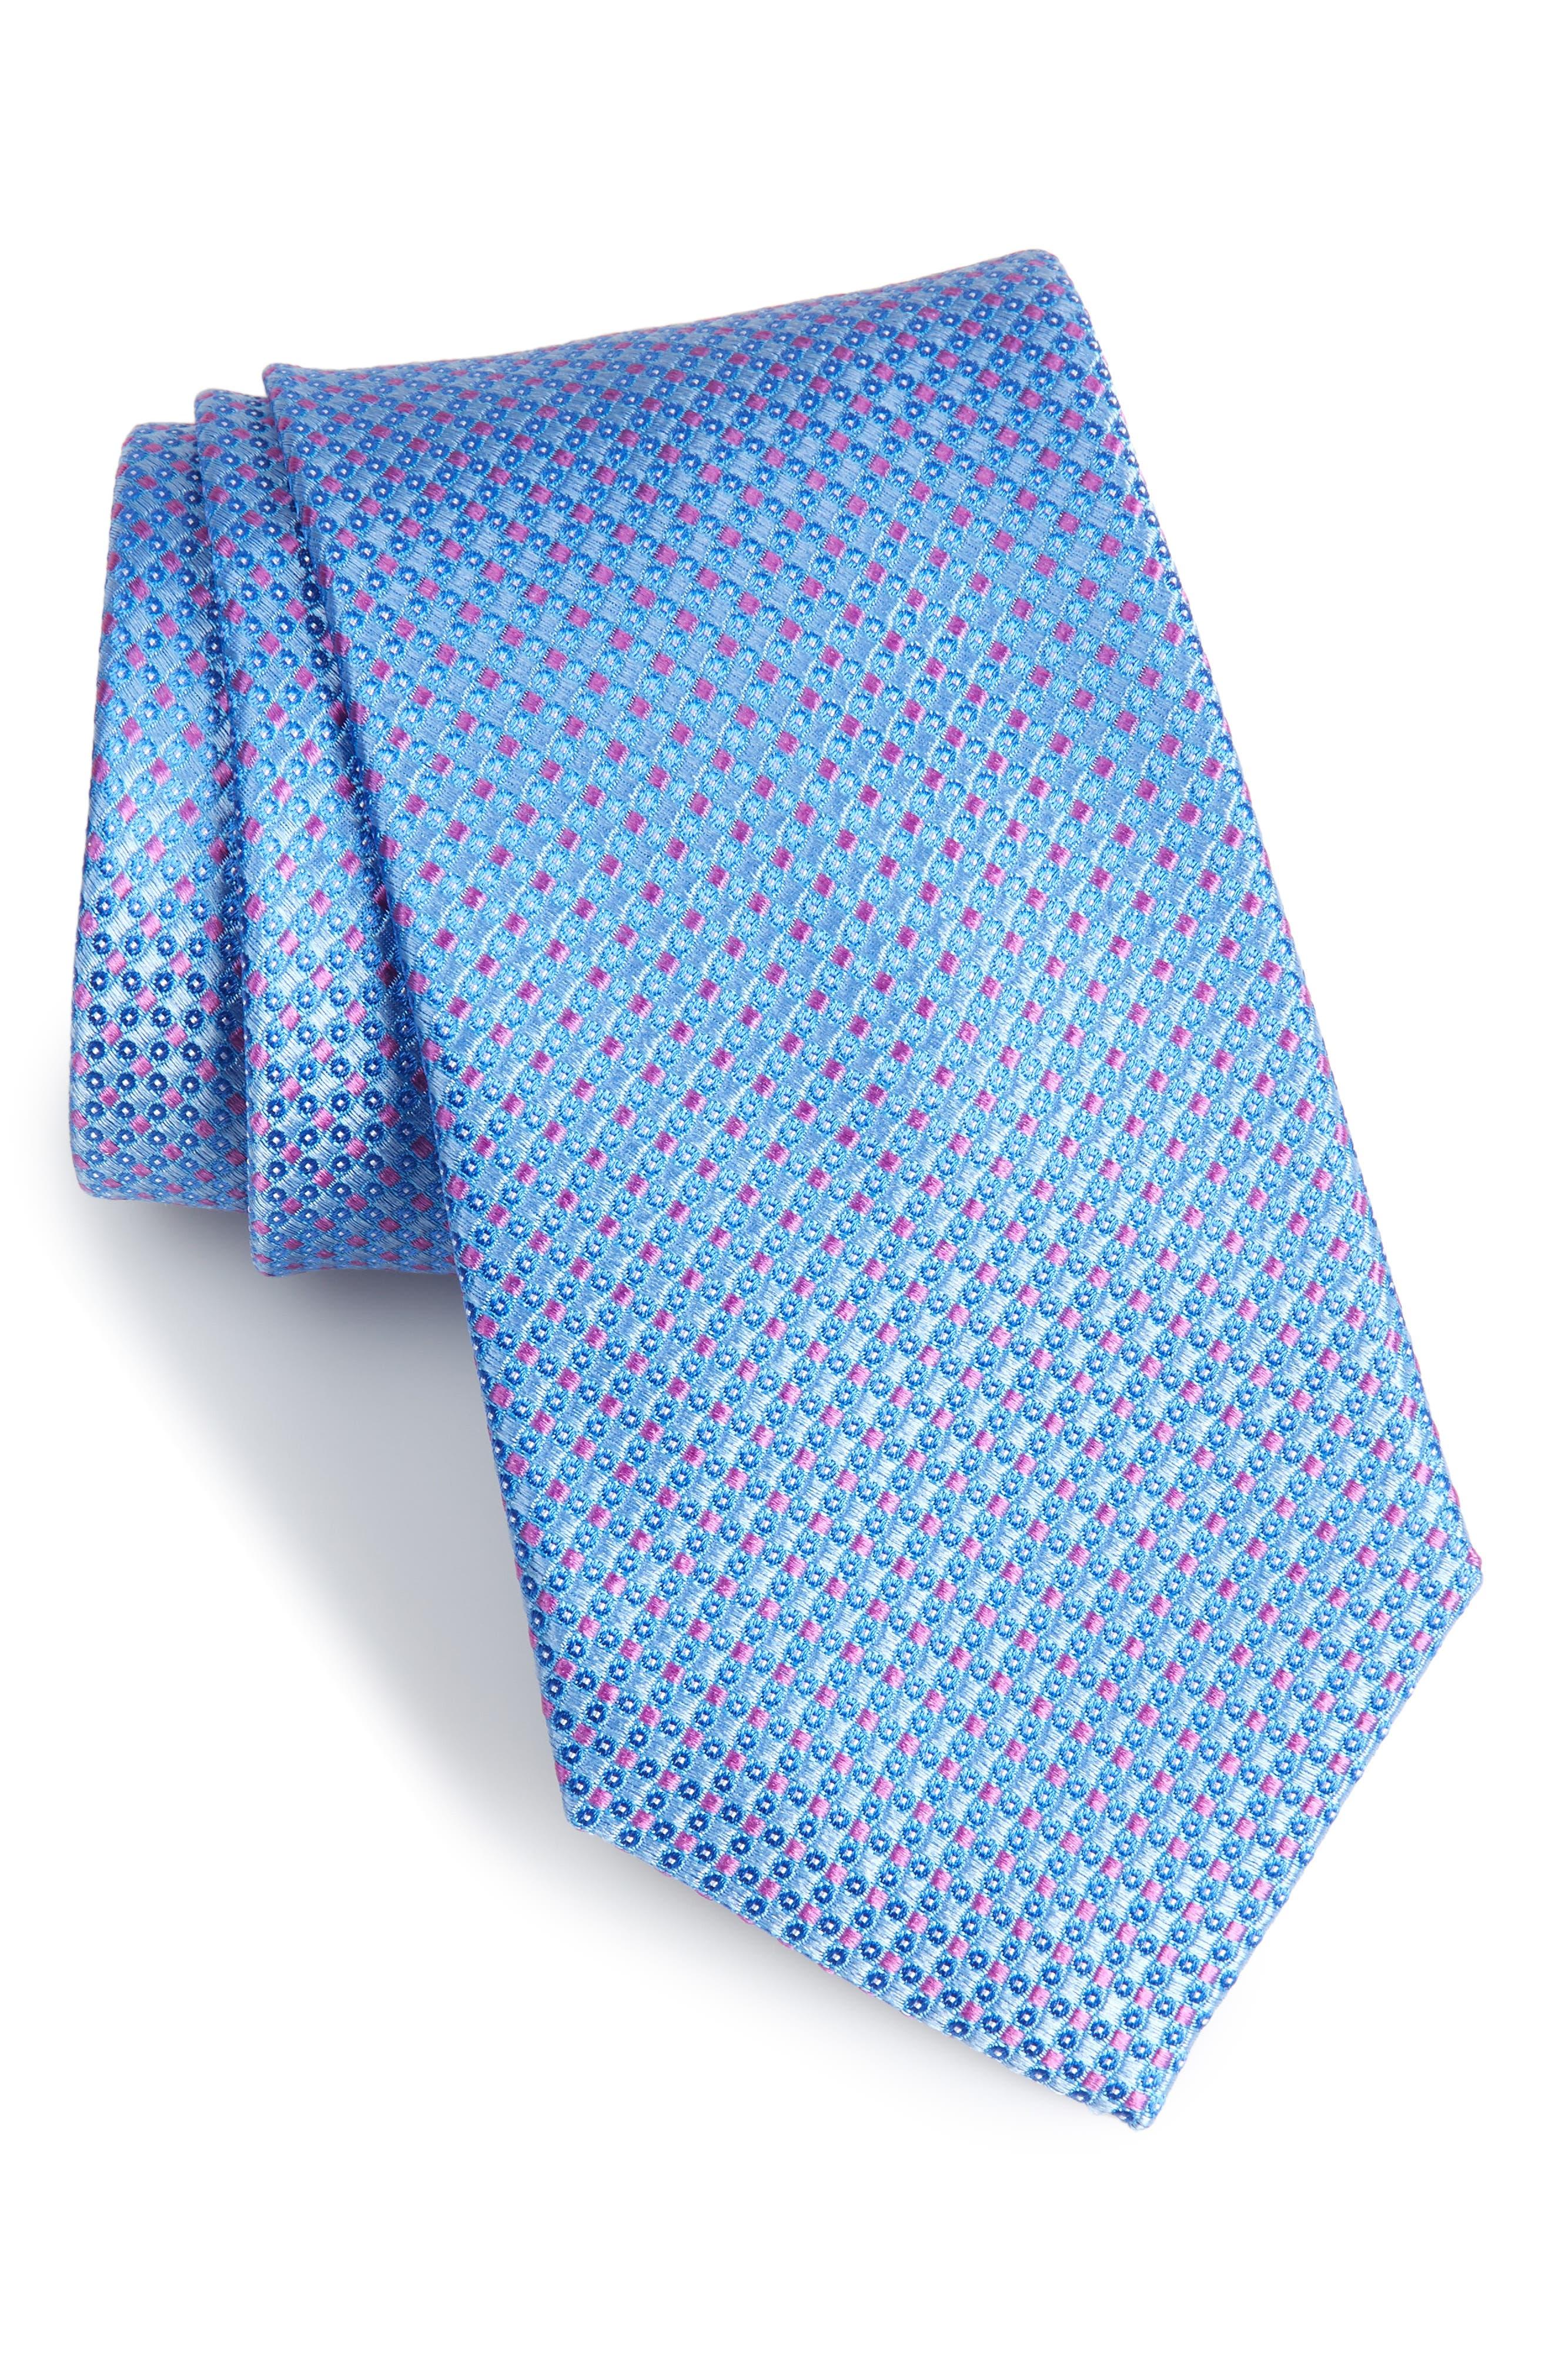 Bagni Check Tie,                             Main thumbnail 1, color,                             Light Blue